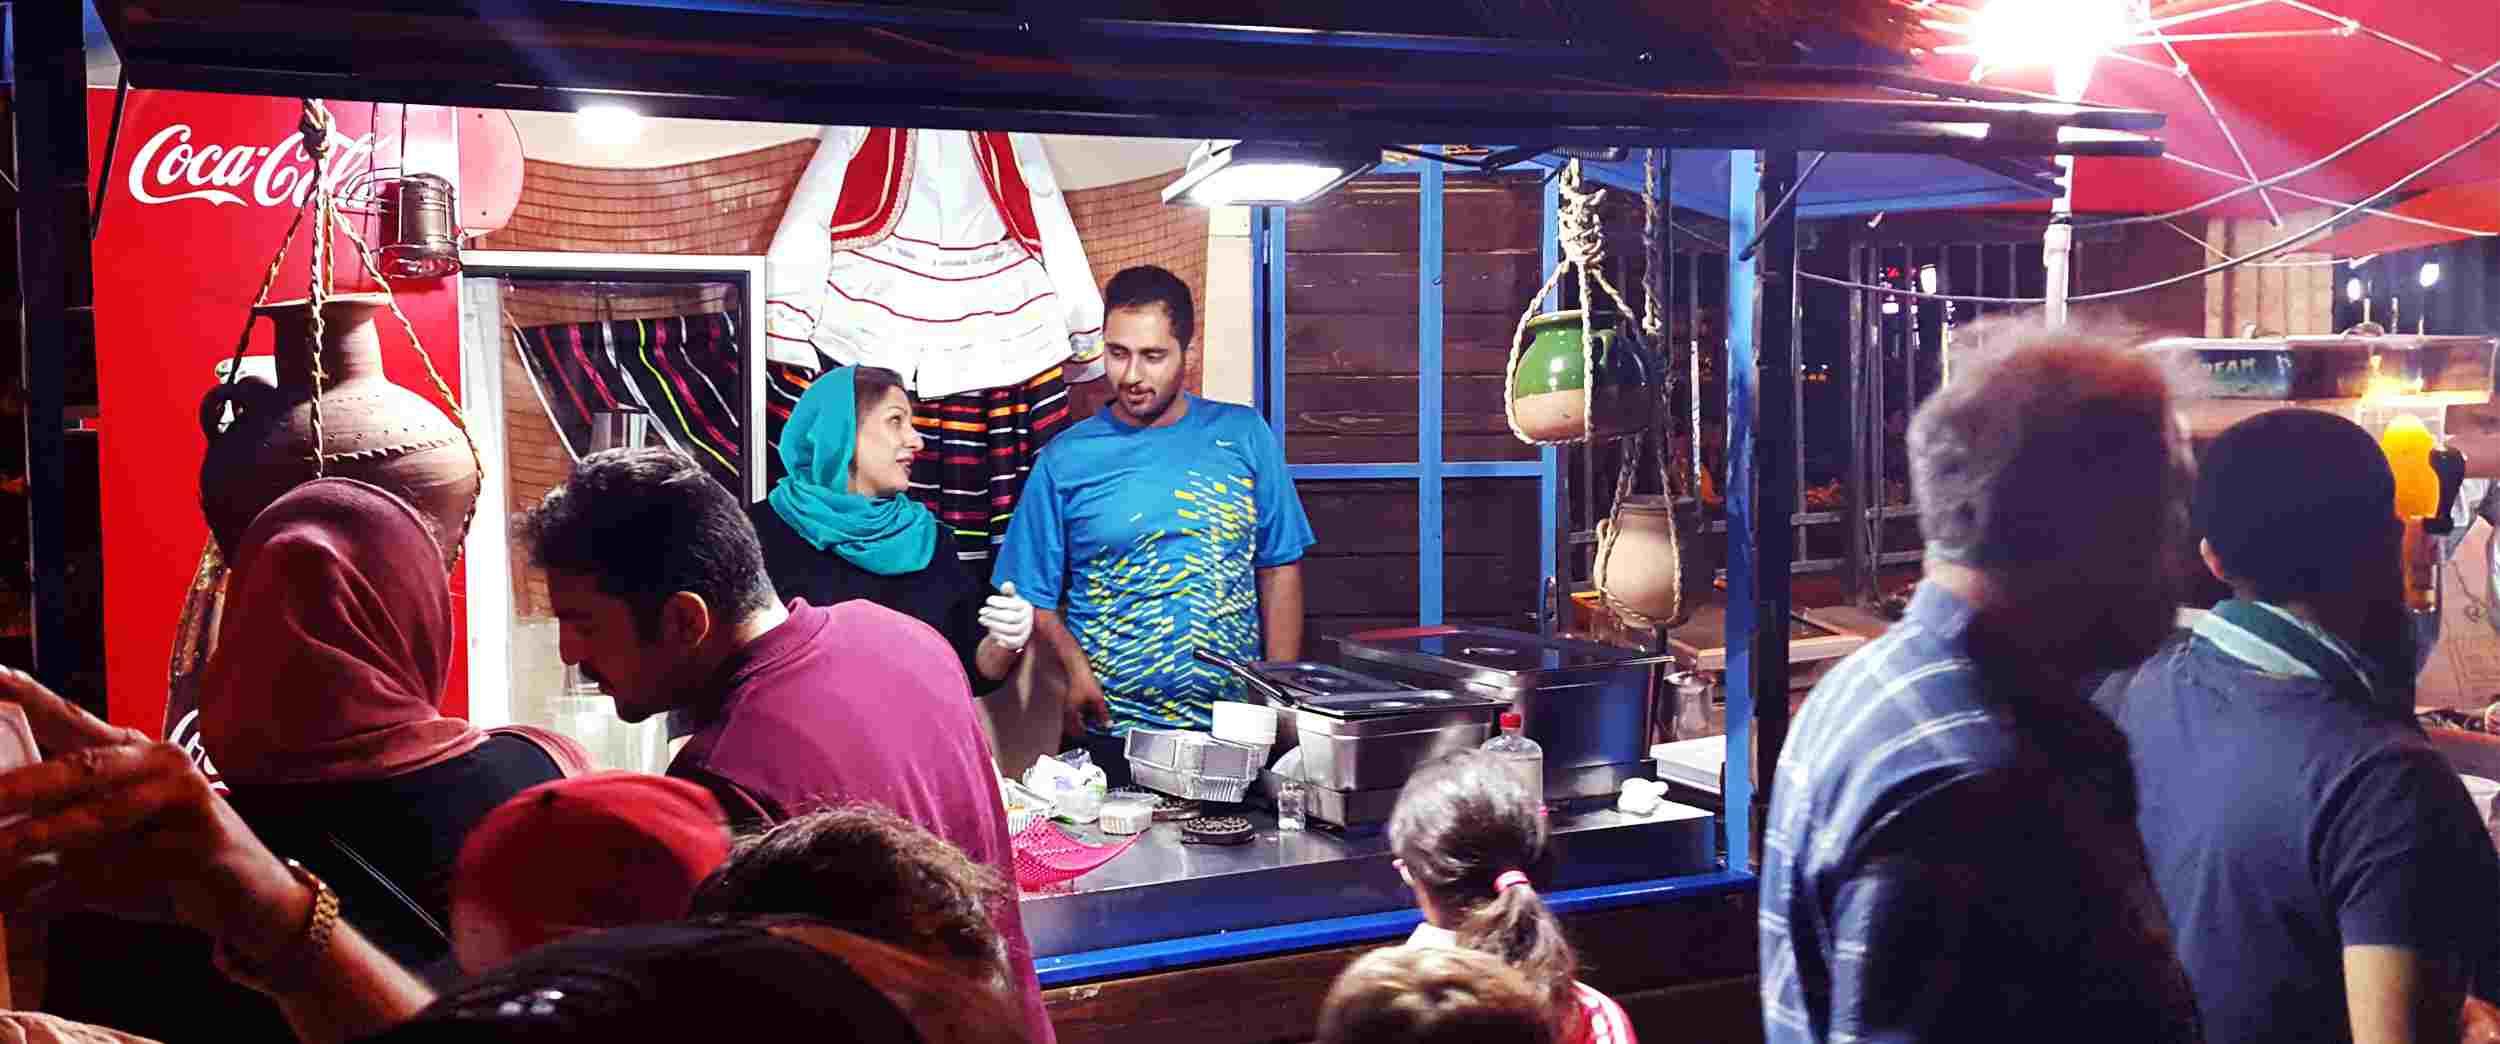 غذاهای خیابانی تهران و شبگردیهای خوشمزه در پایتخت